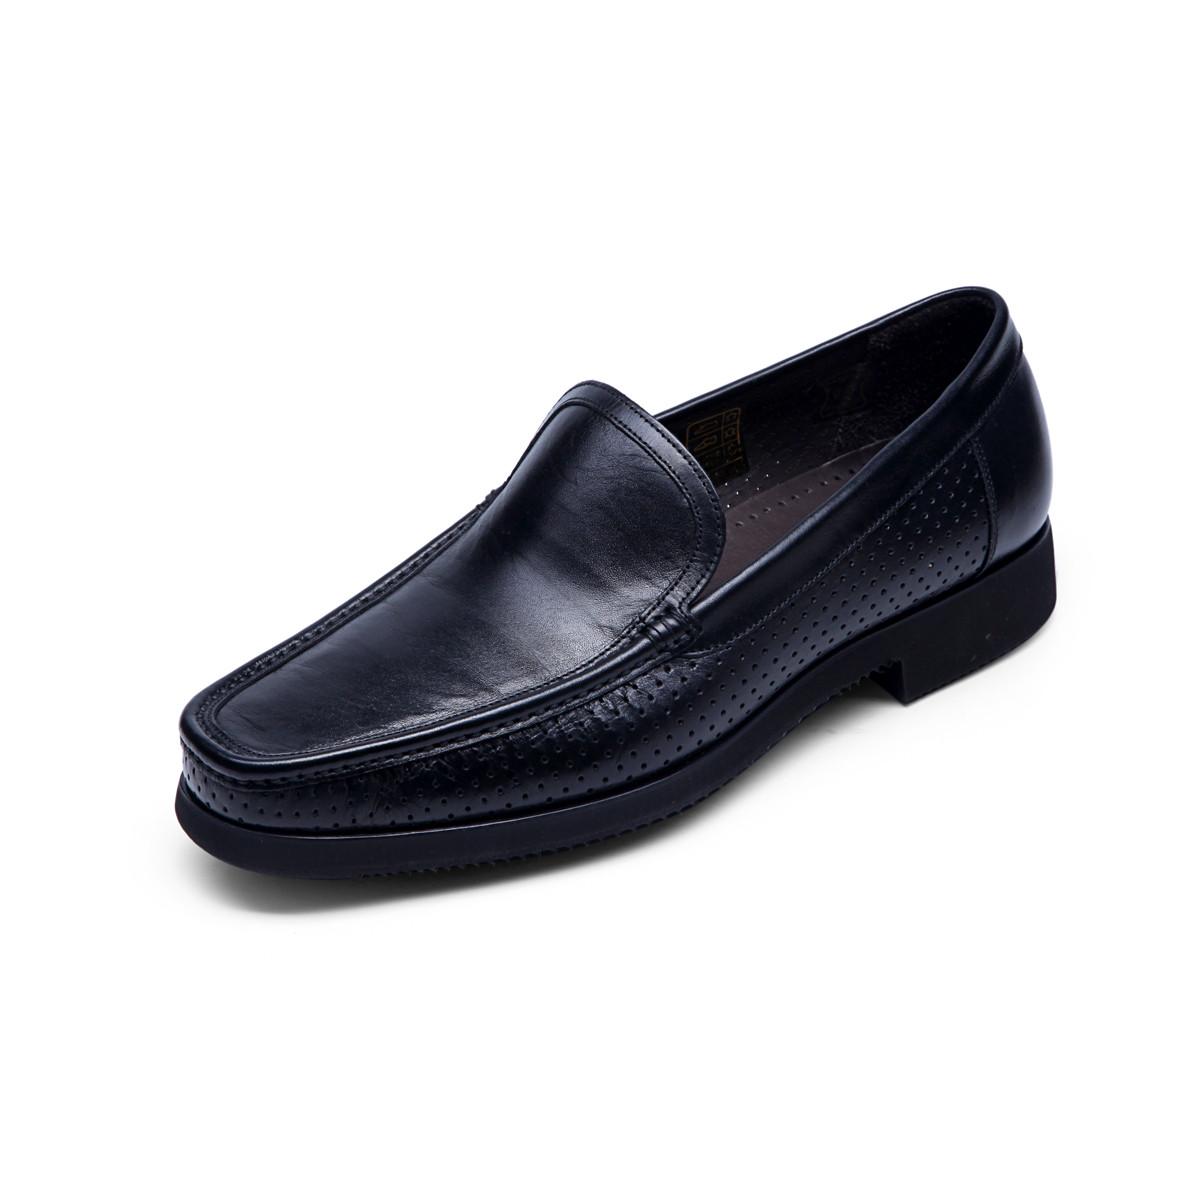 巴路士巴路士纯手工马克线一脚蹬套脚商务鞋男士正装皮鞋经典英伦男鞋BC41Y1010K01